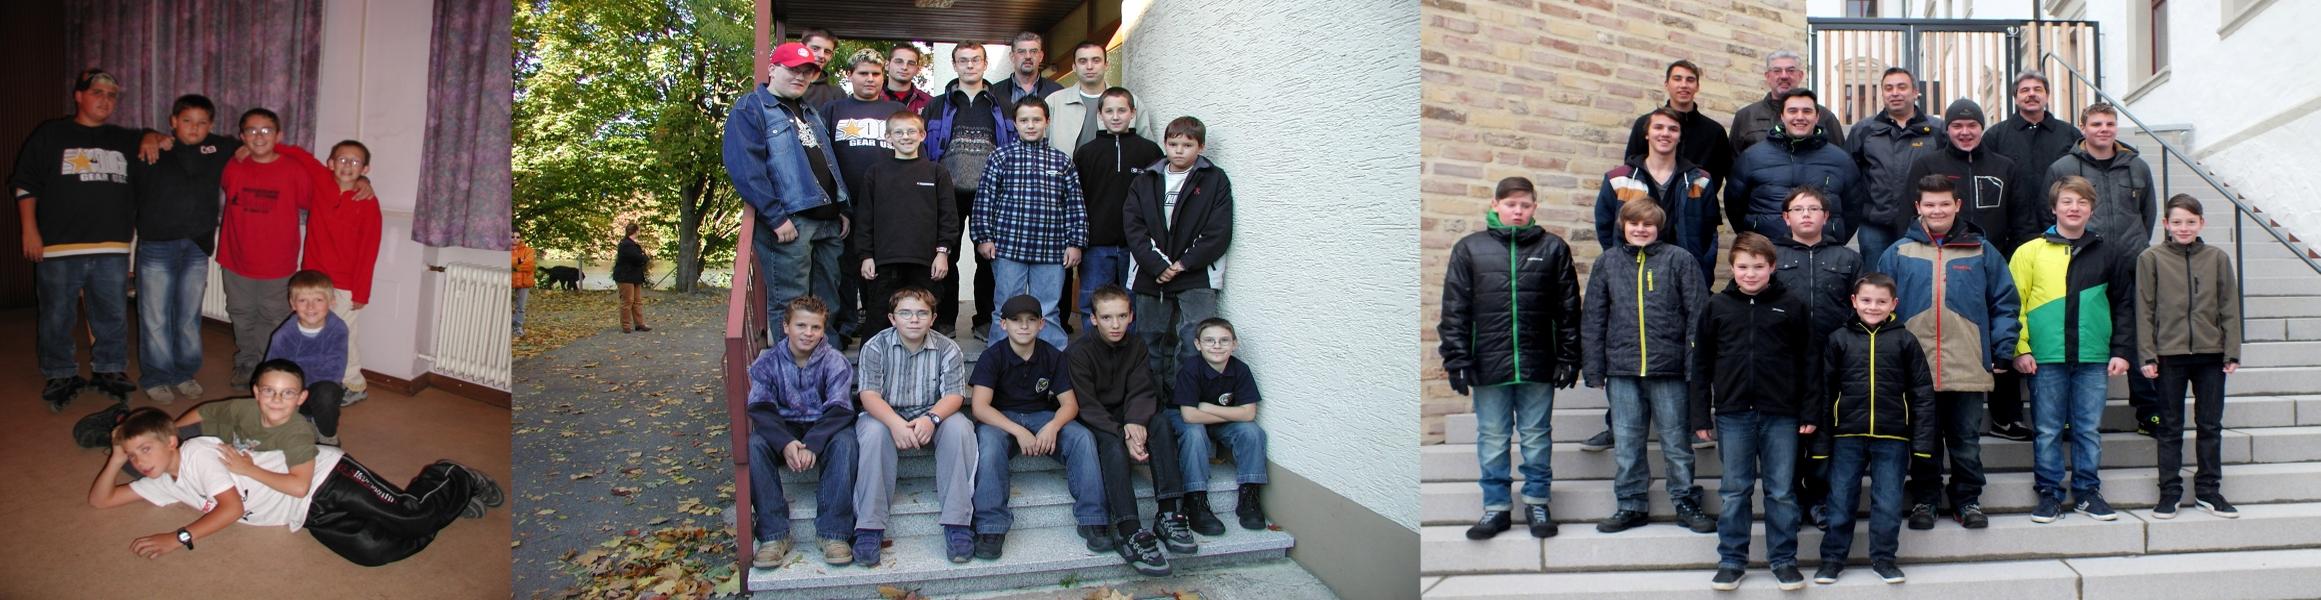 Jugendleiter/Ausbilder